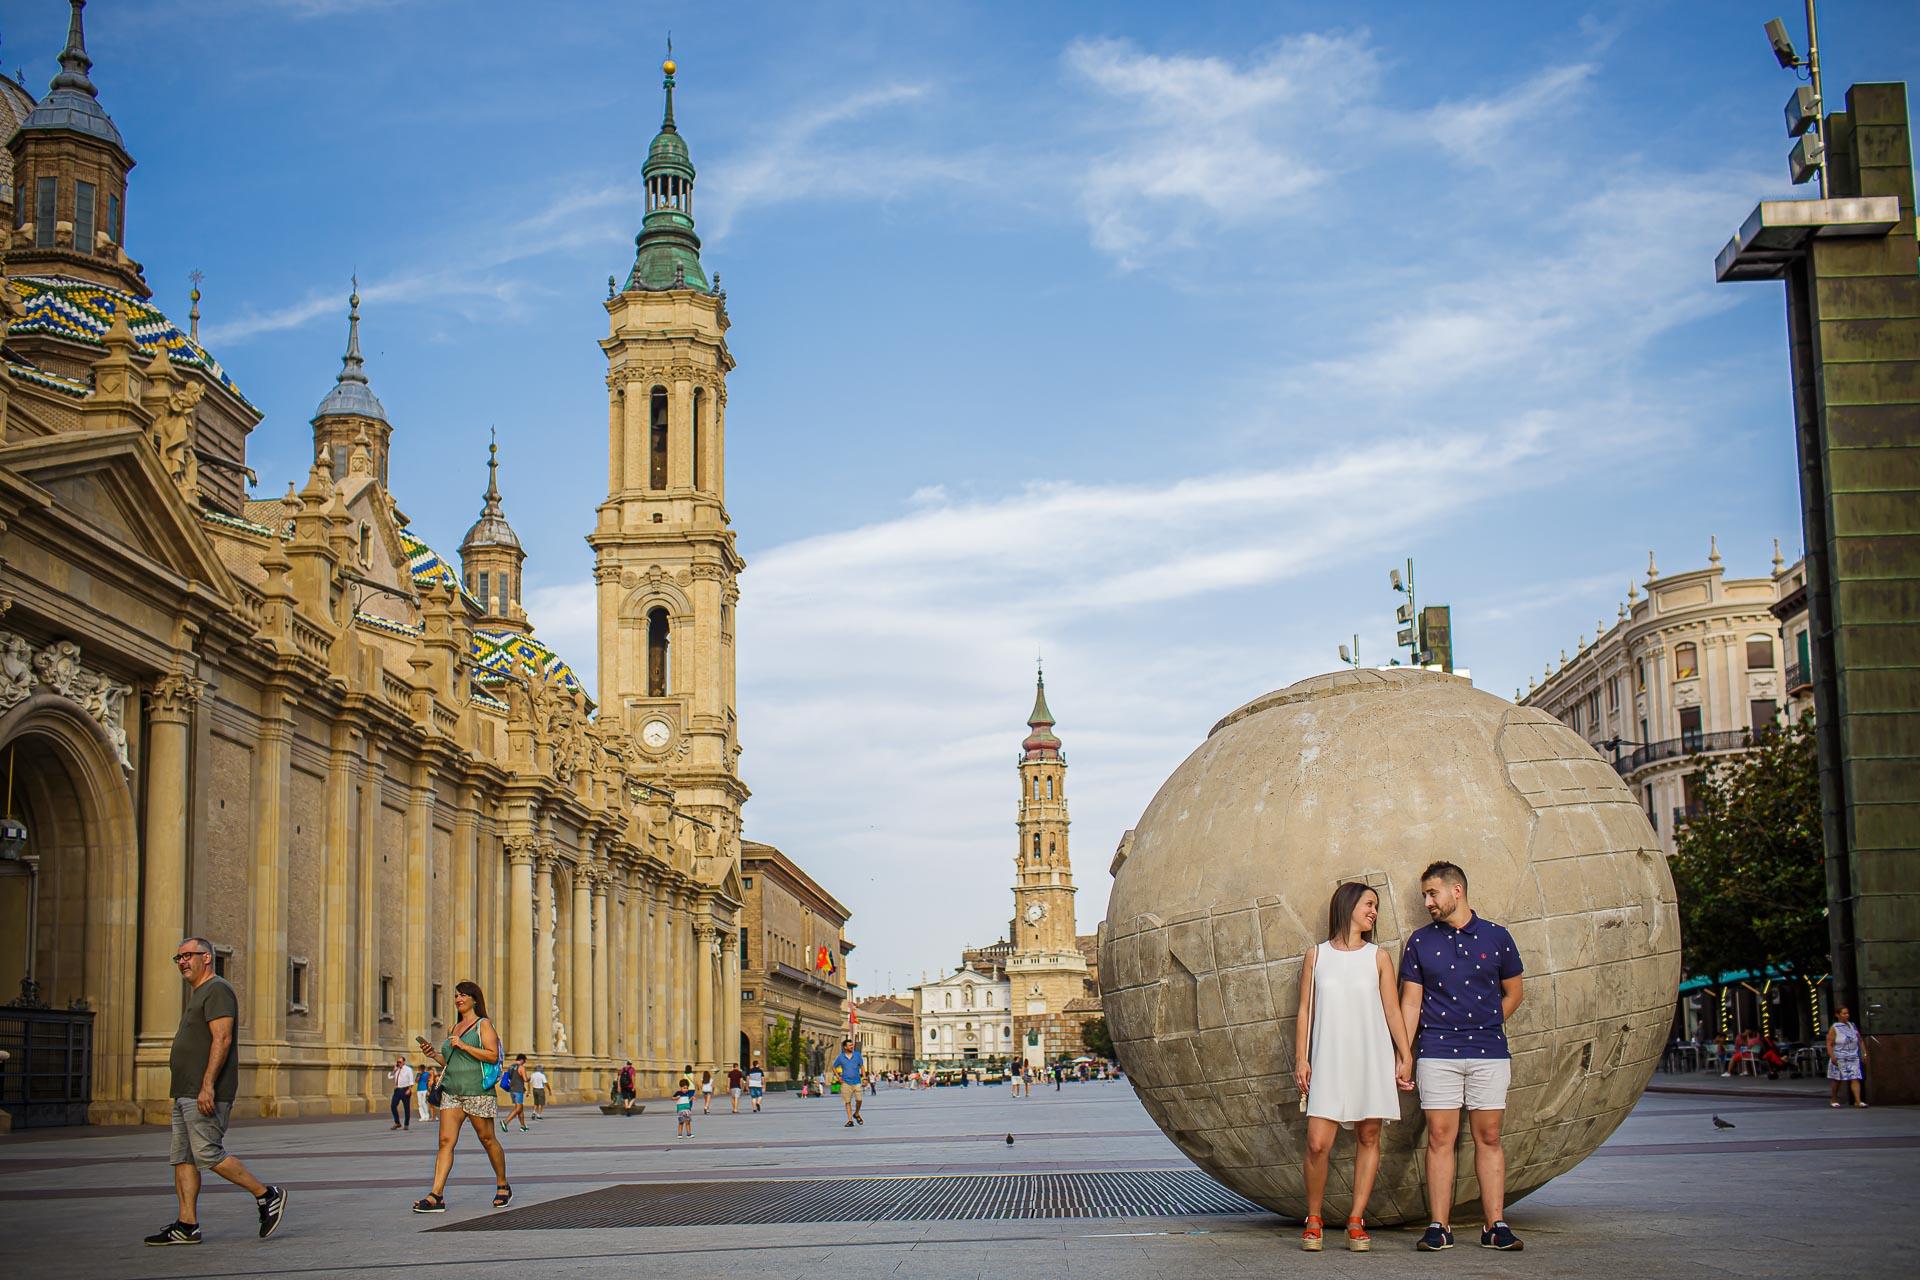 Pre Boda en Zaragoza Vanesa e Ibán. Plaza del Pilar. Christian Roselló Fotógrafo de Bodas en Zaragoza con sede en Valencia